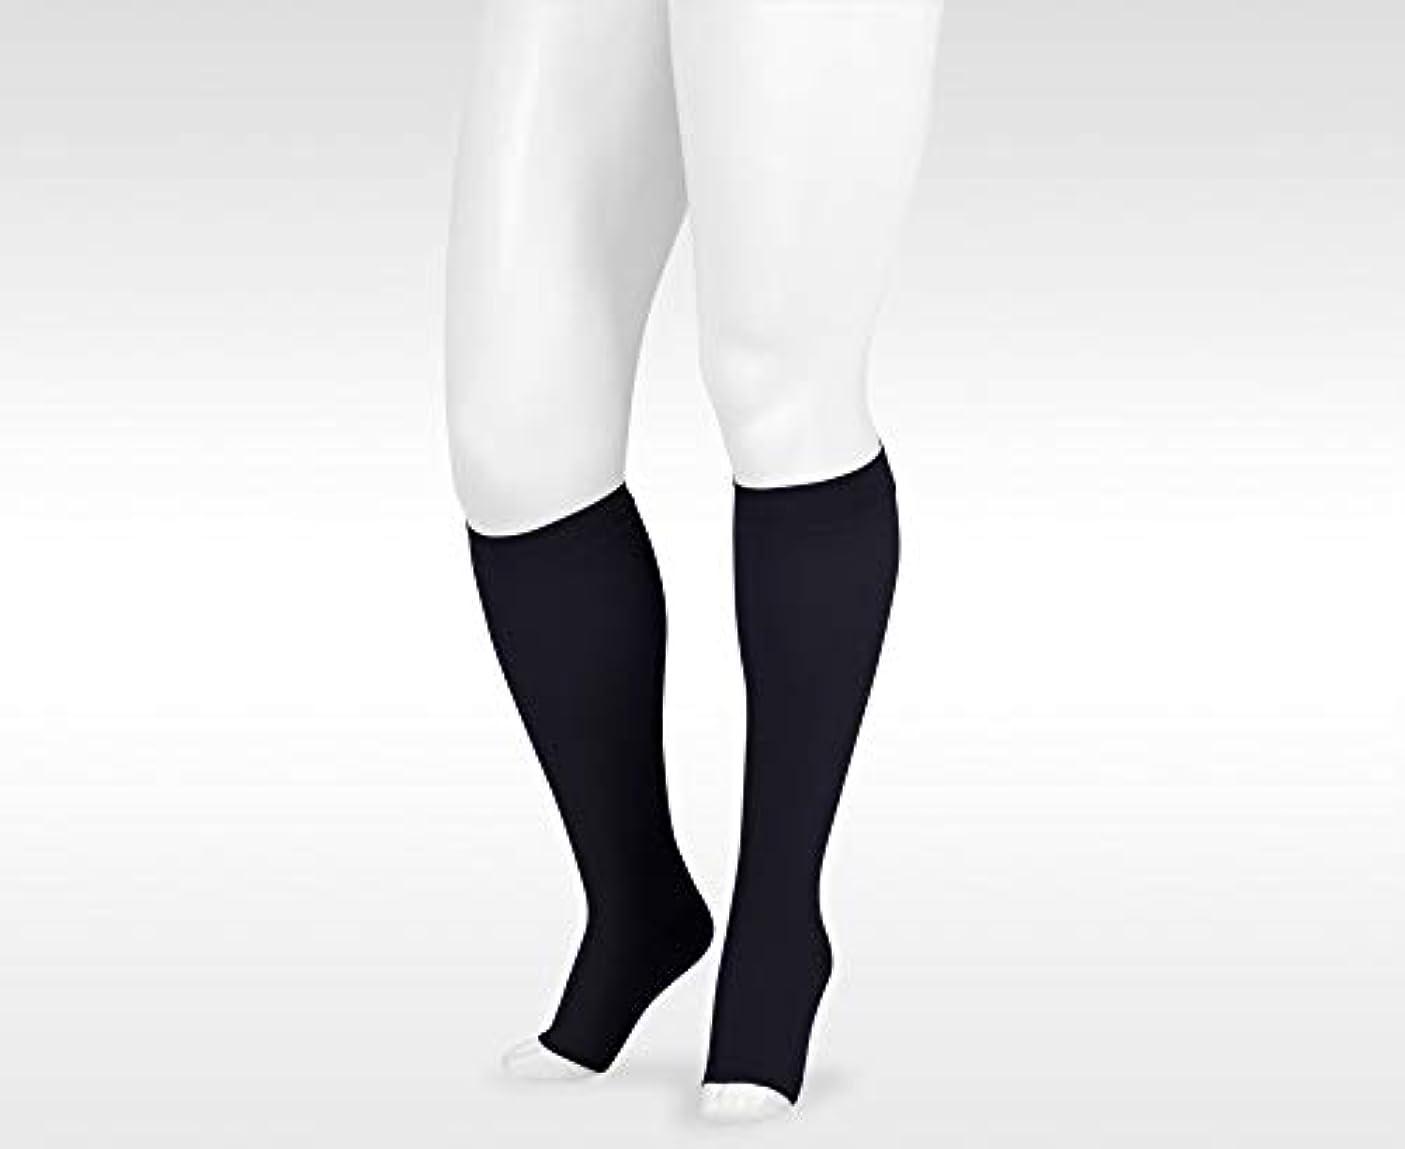 ストリーム音楽環境保護主義者30-40 mmHg Juzo Dynamic (Varin) AD-N Compression Stockings. Knee High. Open Toe. Petite Silicone Grip. 5cm. ,Size:V,Color:Black by Juzo